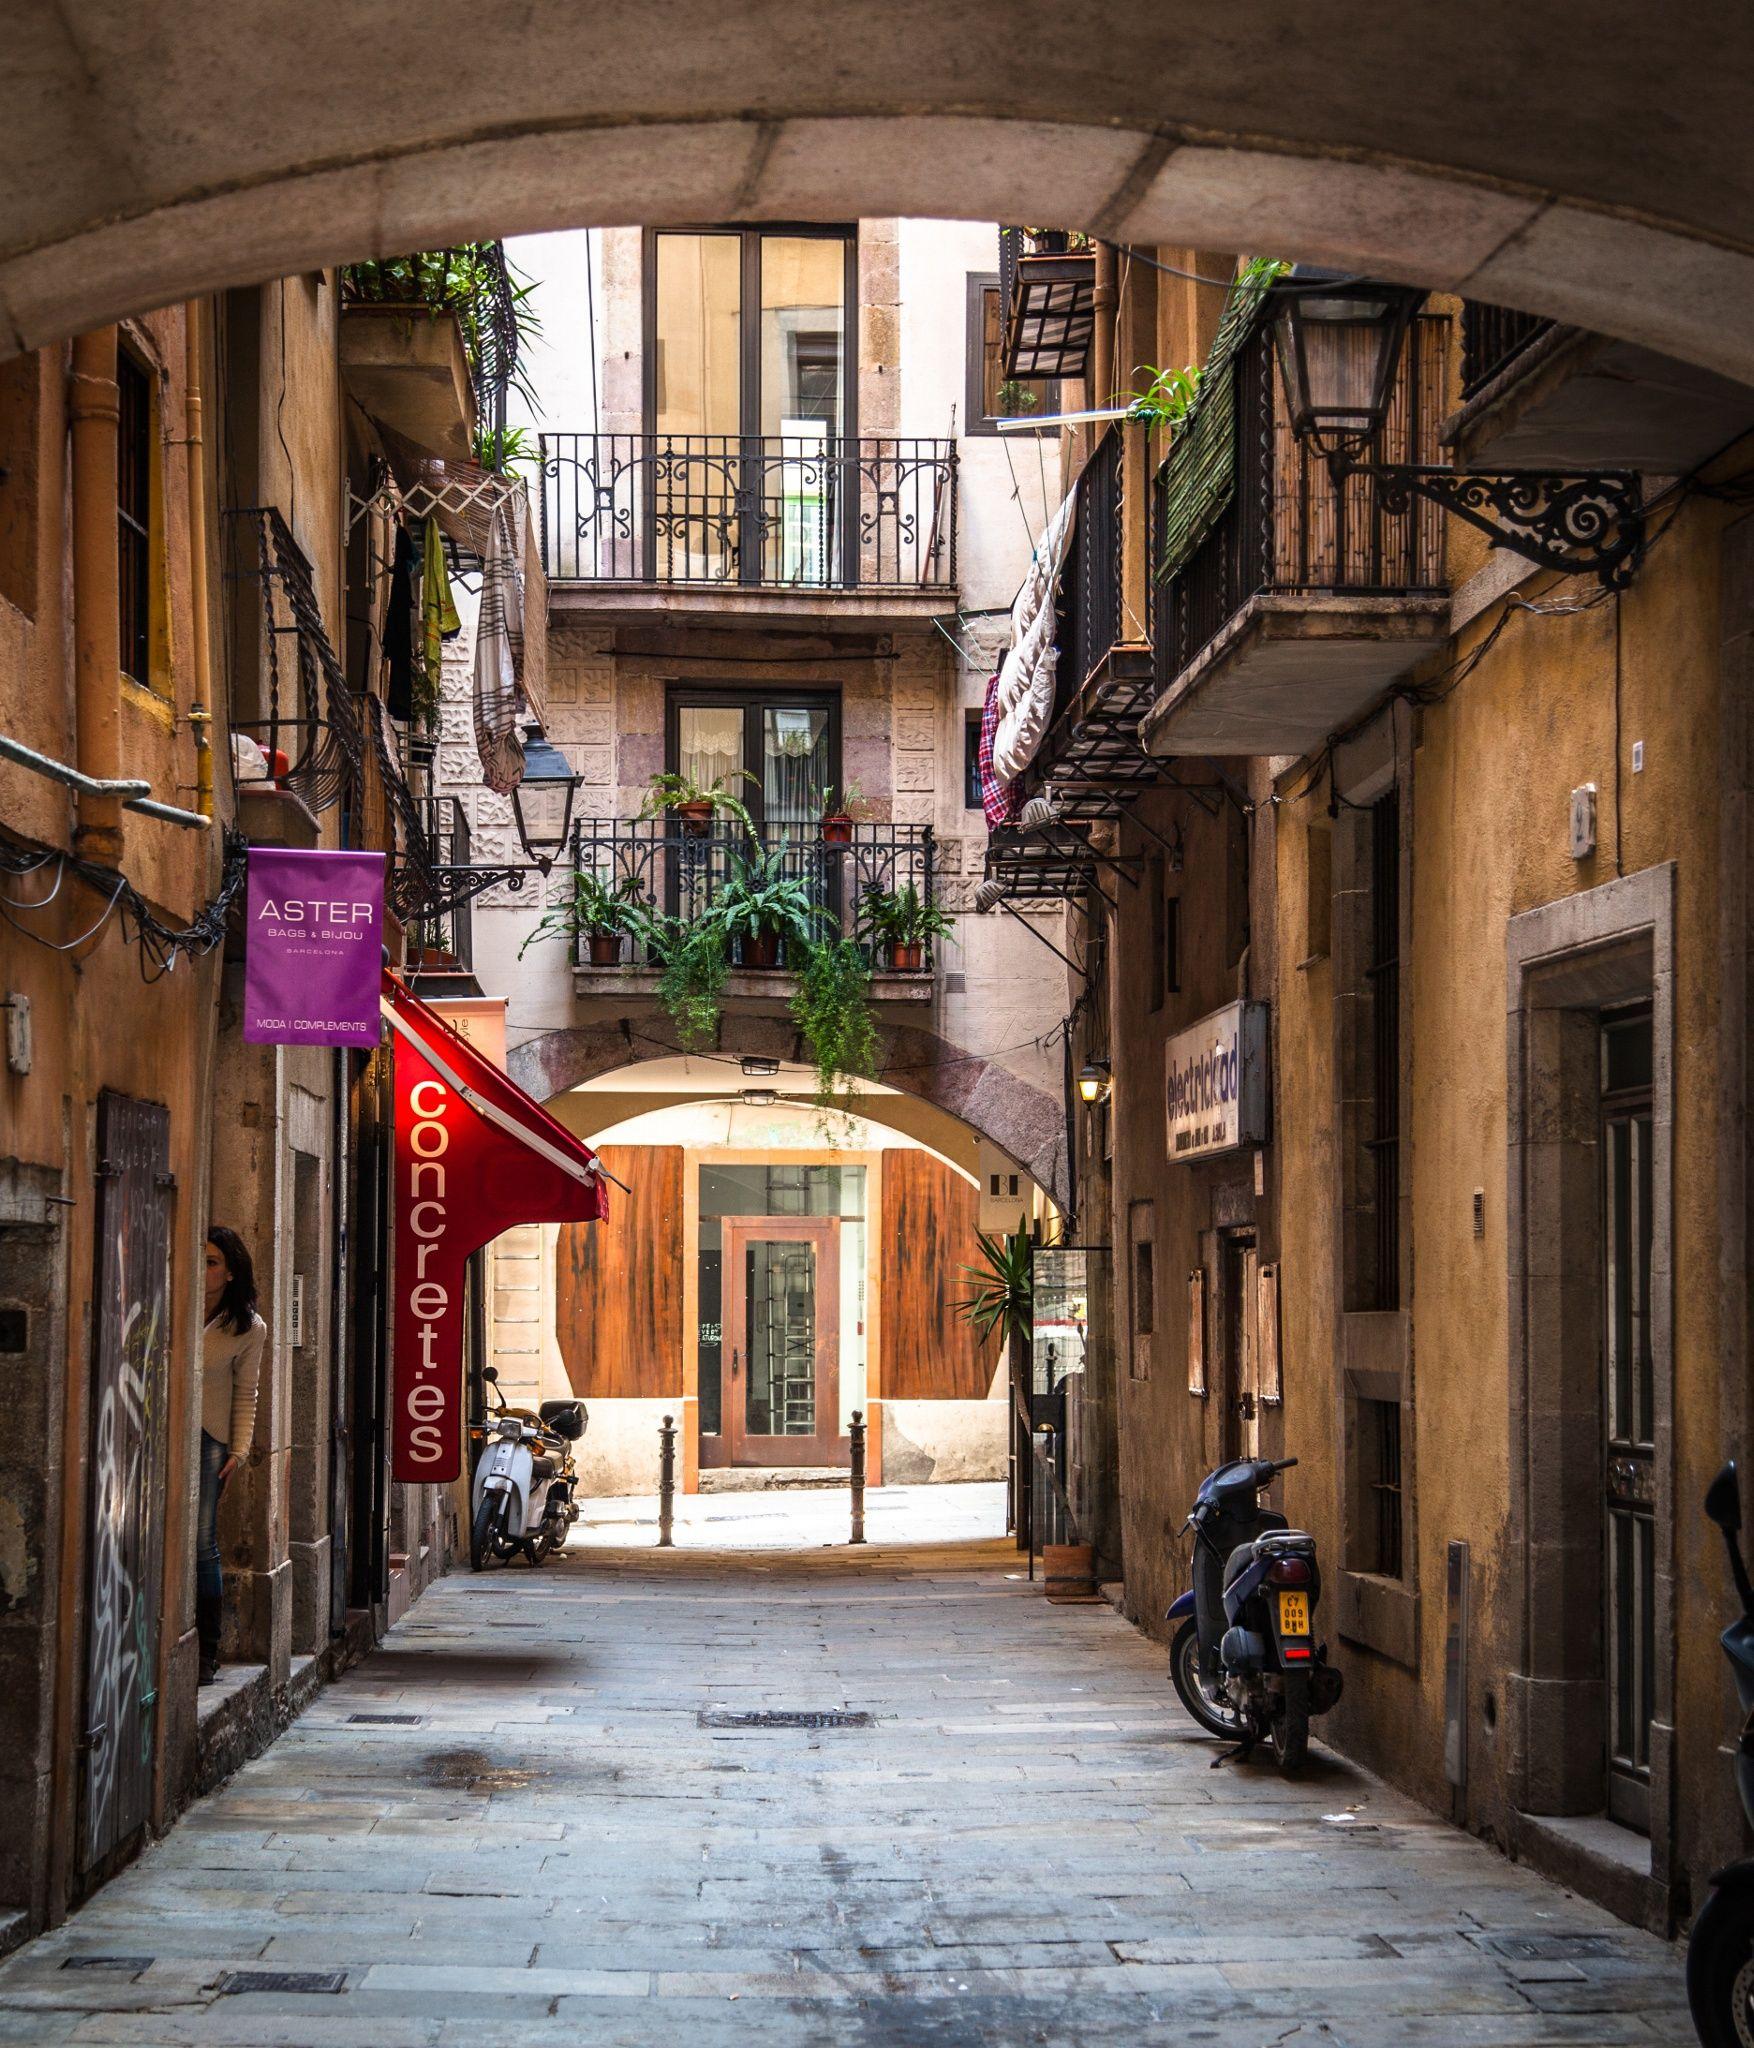 El born carrer de la volta dels tamborets barcelona for Hoteles en el born de barcelona